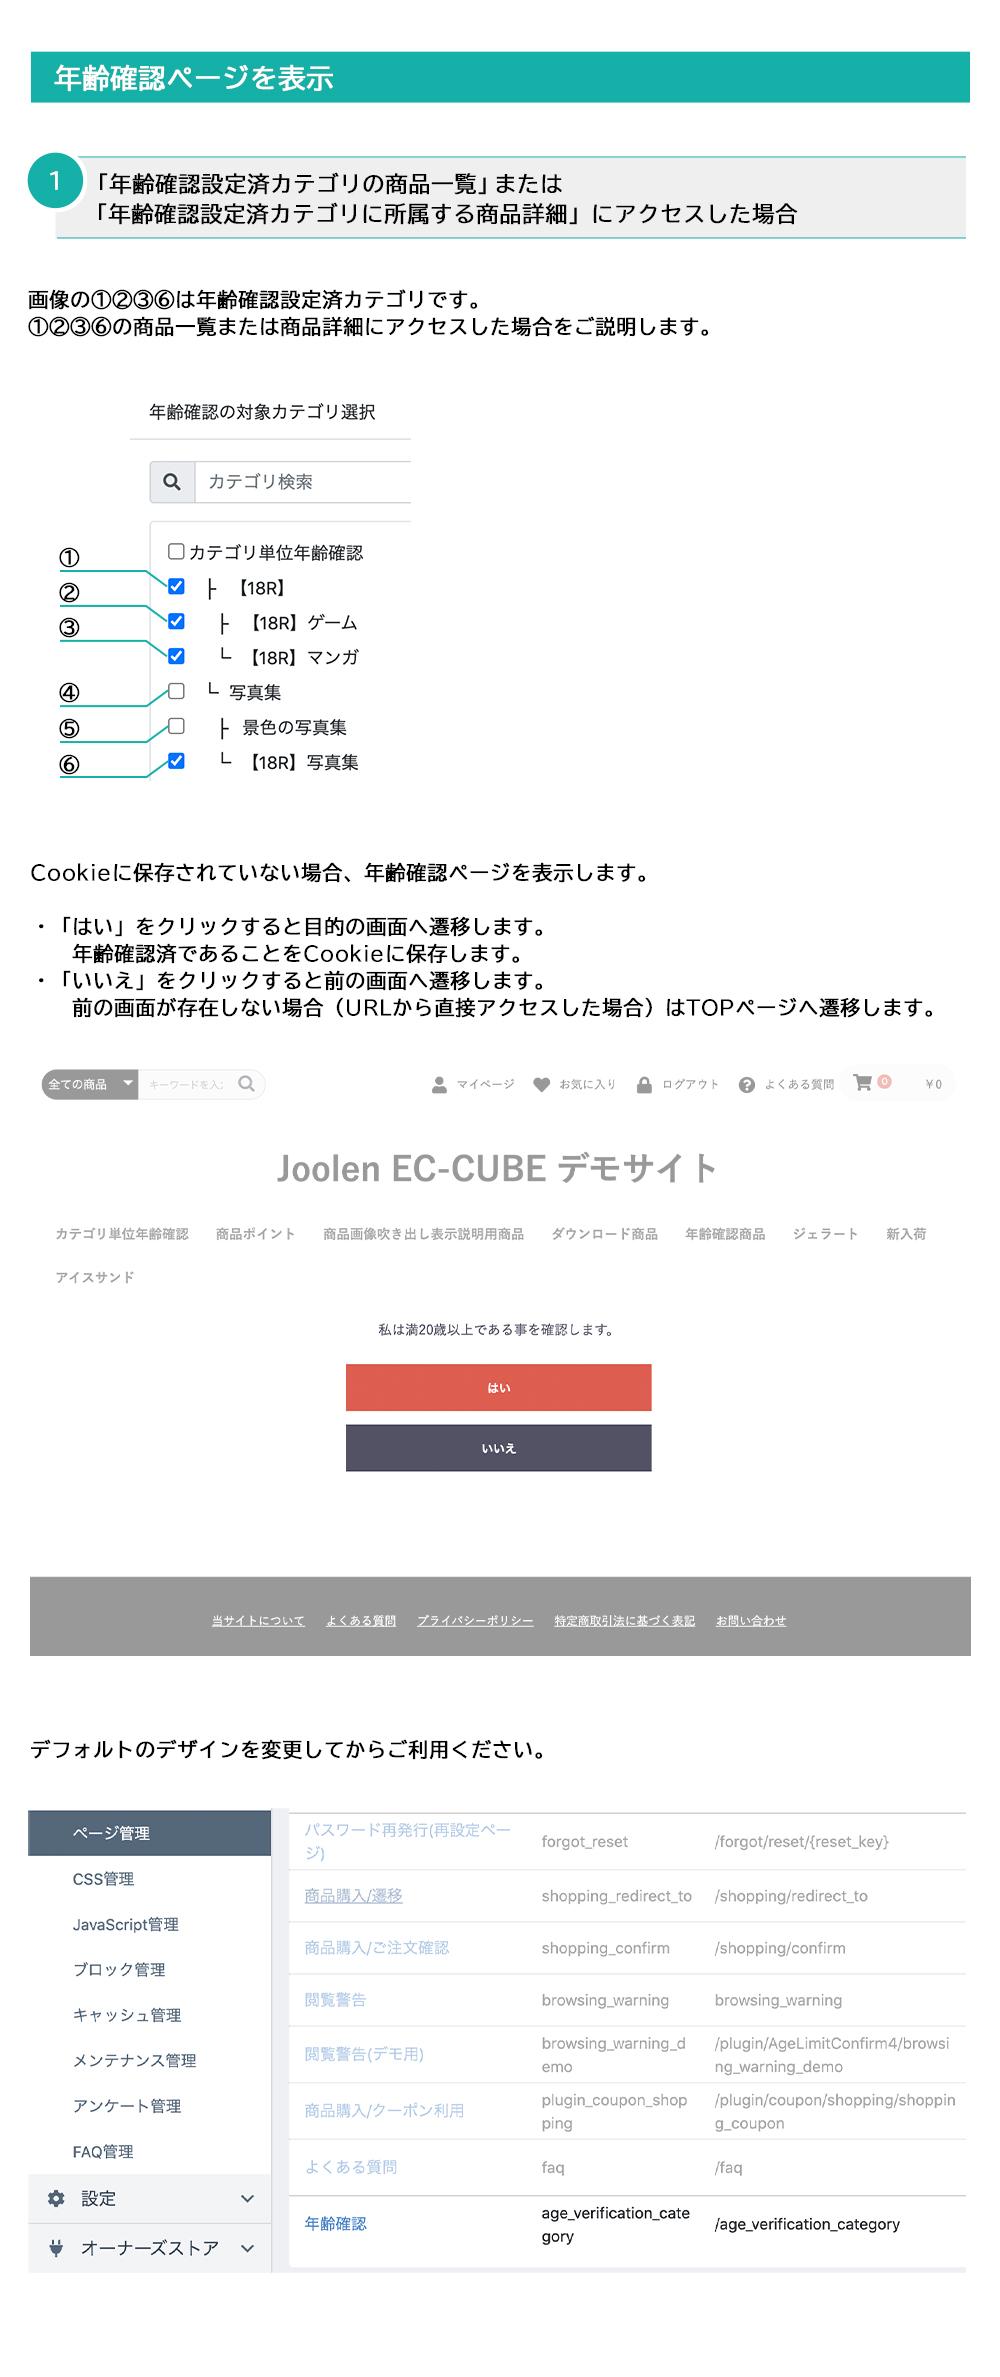 カテゴリ別年齢確認プラグイン for EC-CUBE 4.0